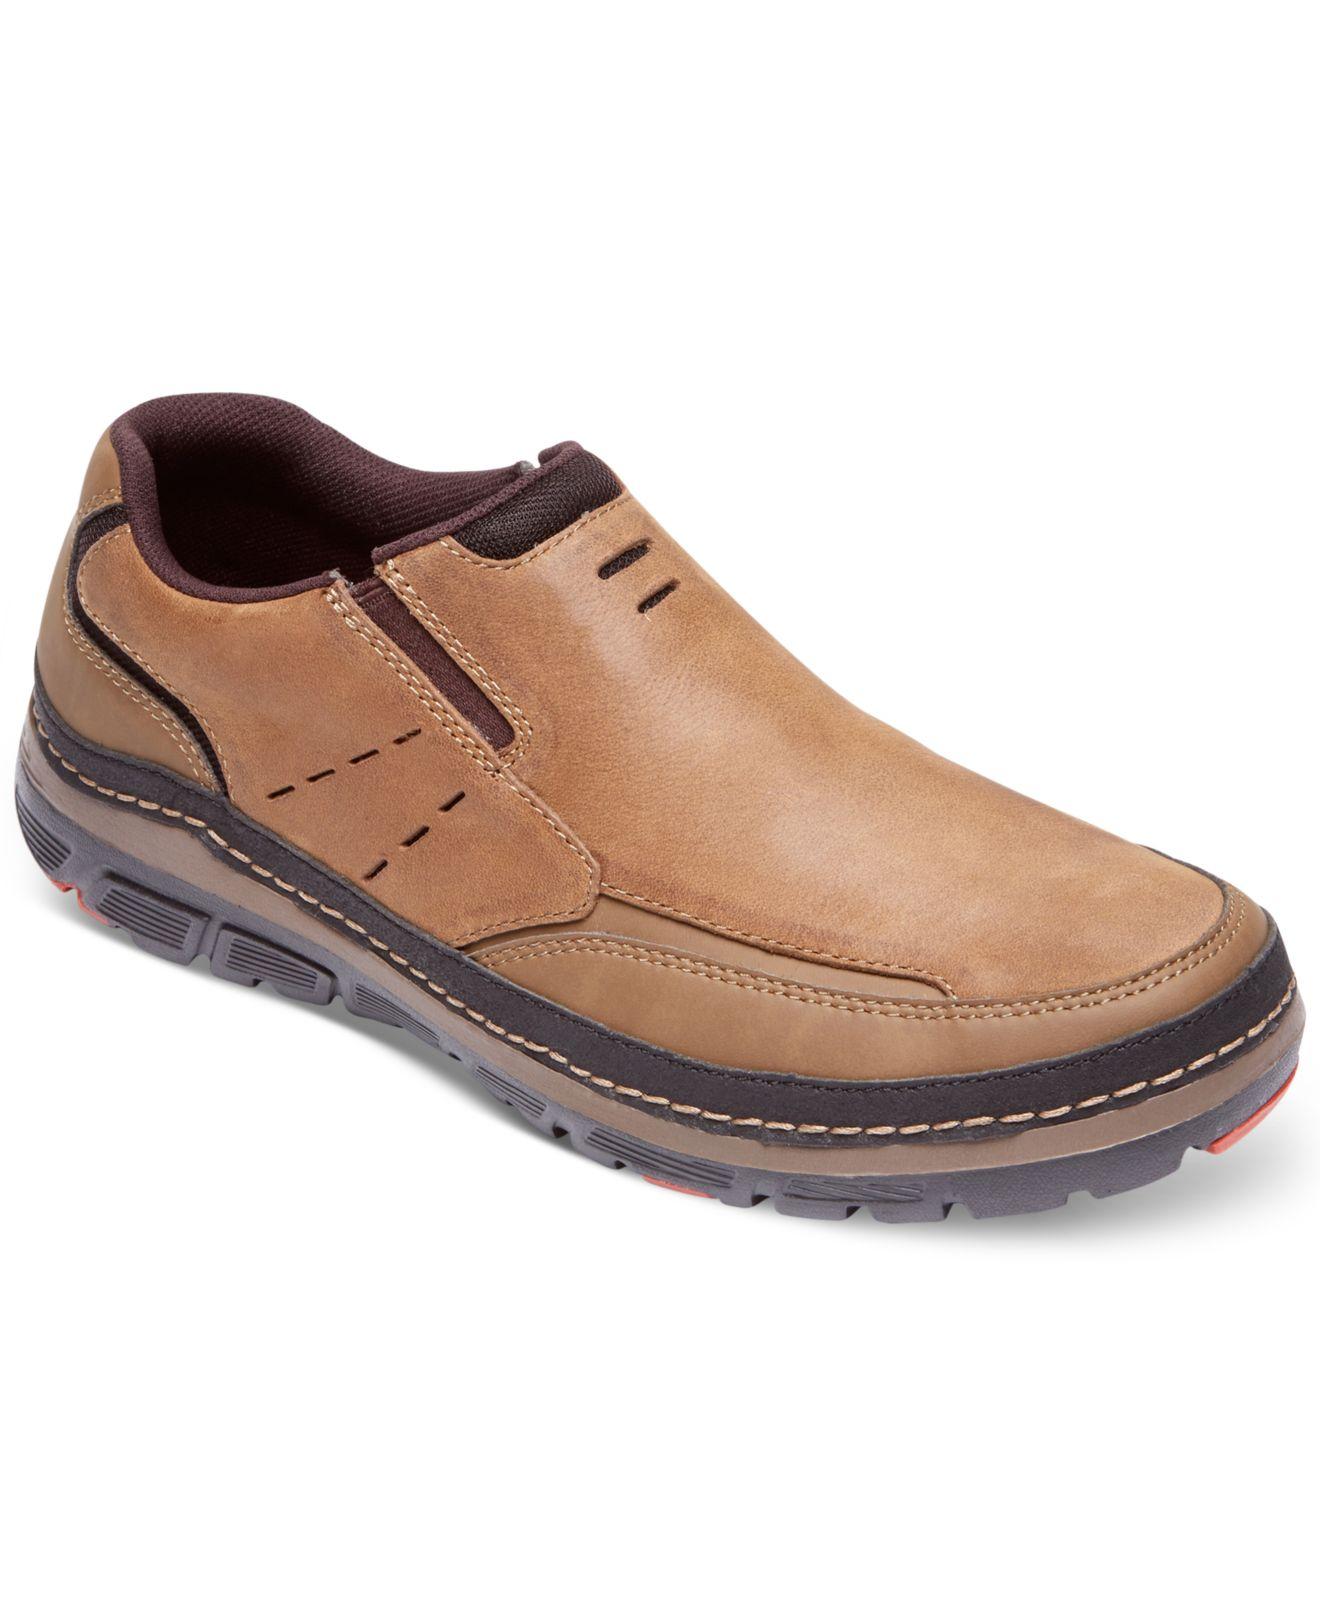 Rockport Men S Shoes Odor